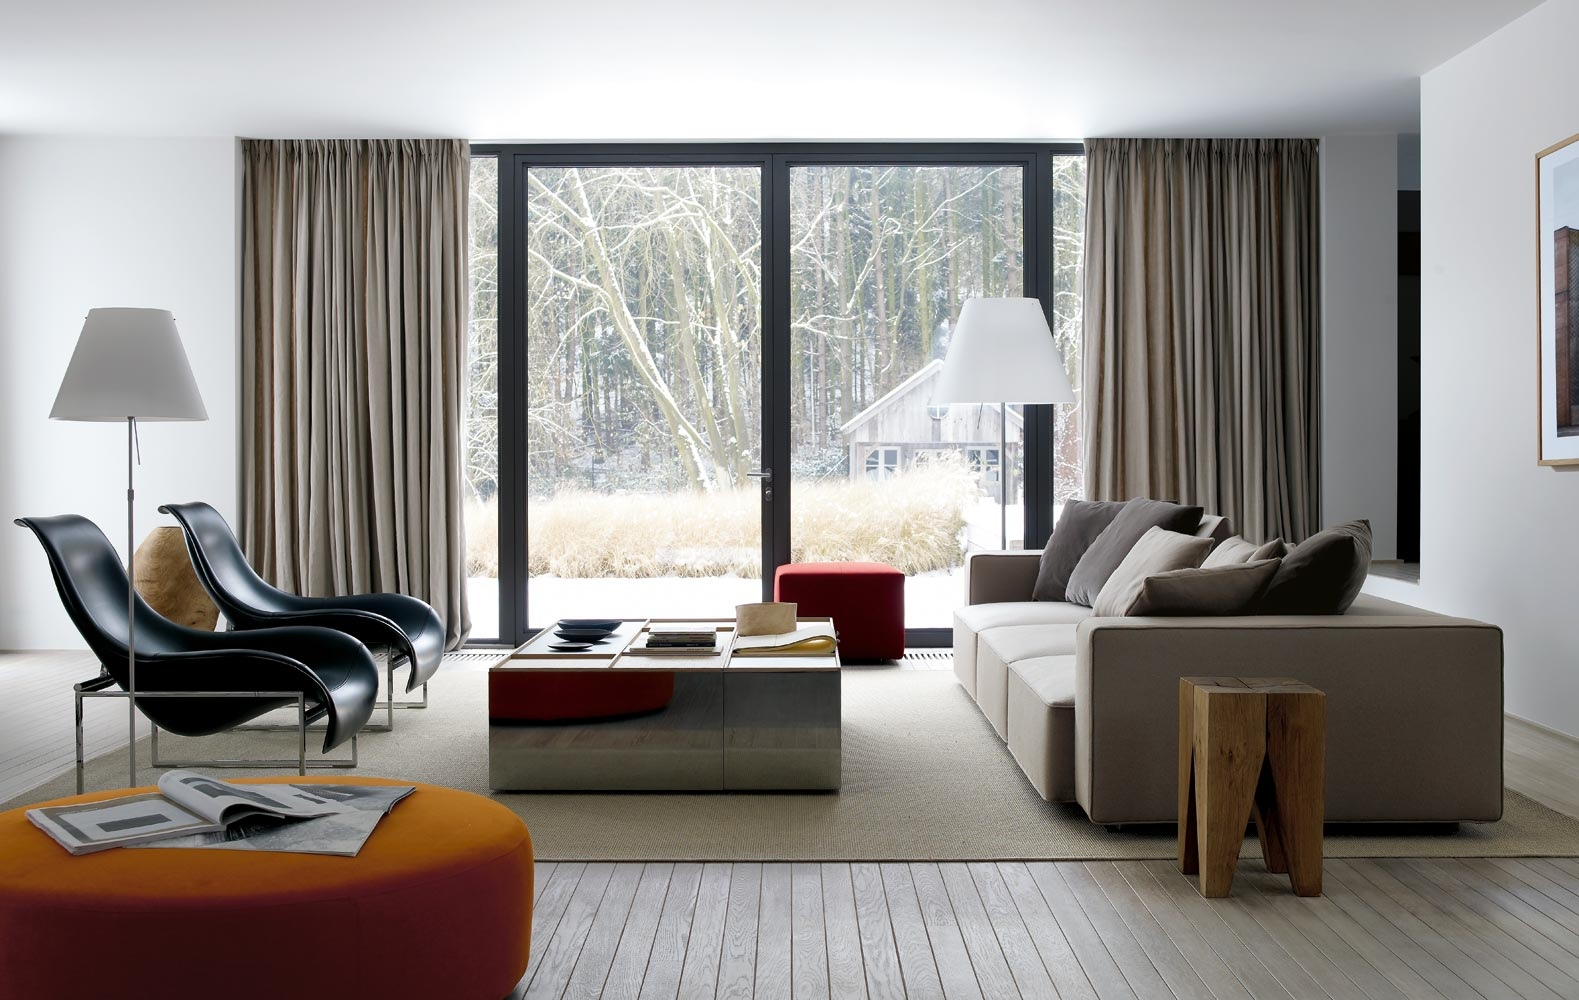 View In Gallery Design Langsir Moden Yang Simple Sesuai Untuk Ruang Tamu Terkini